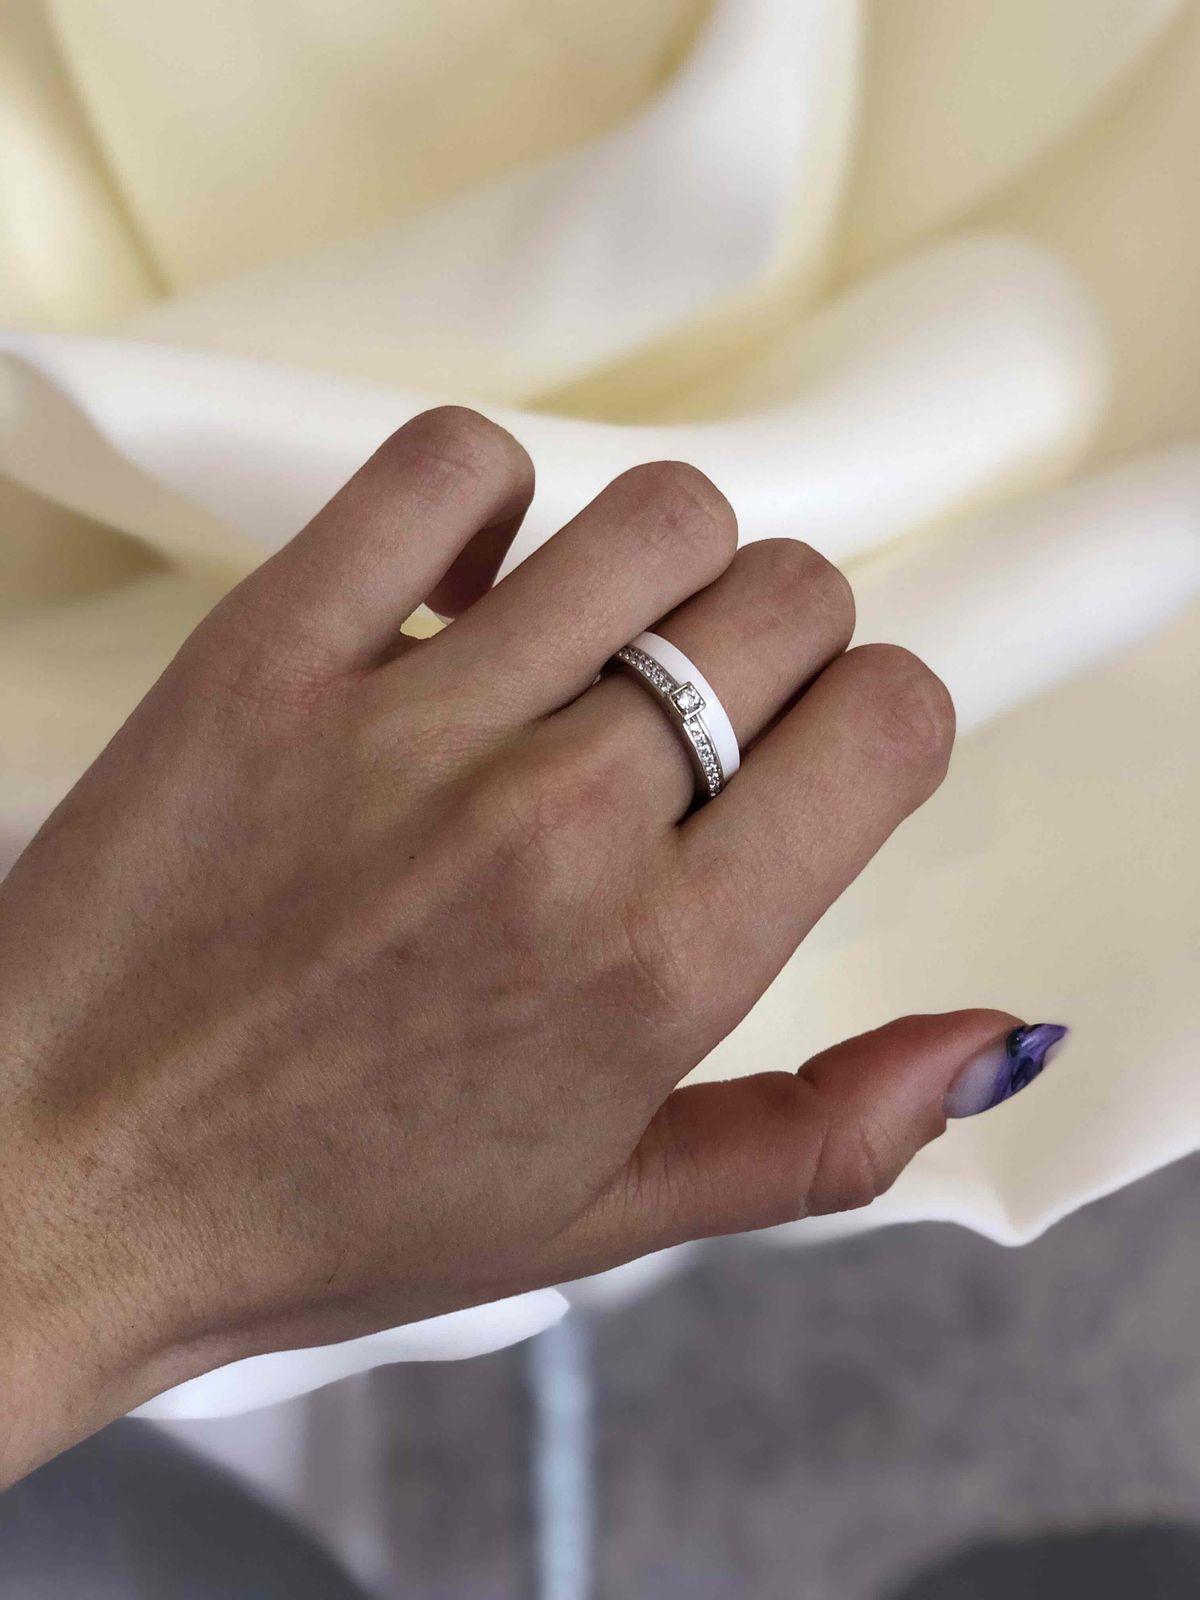 Кольцо увидела и влюбилась! 😍